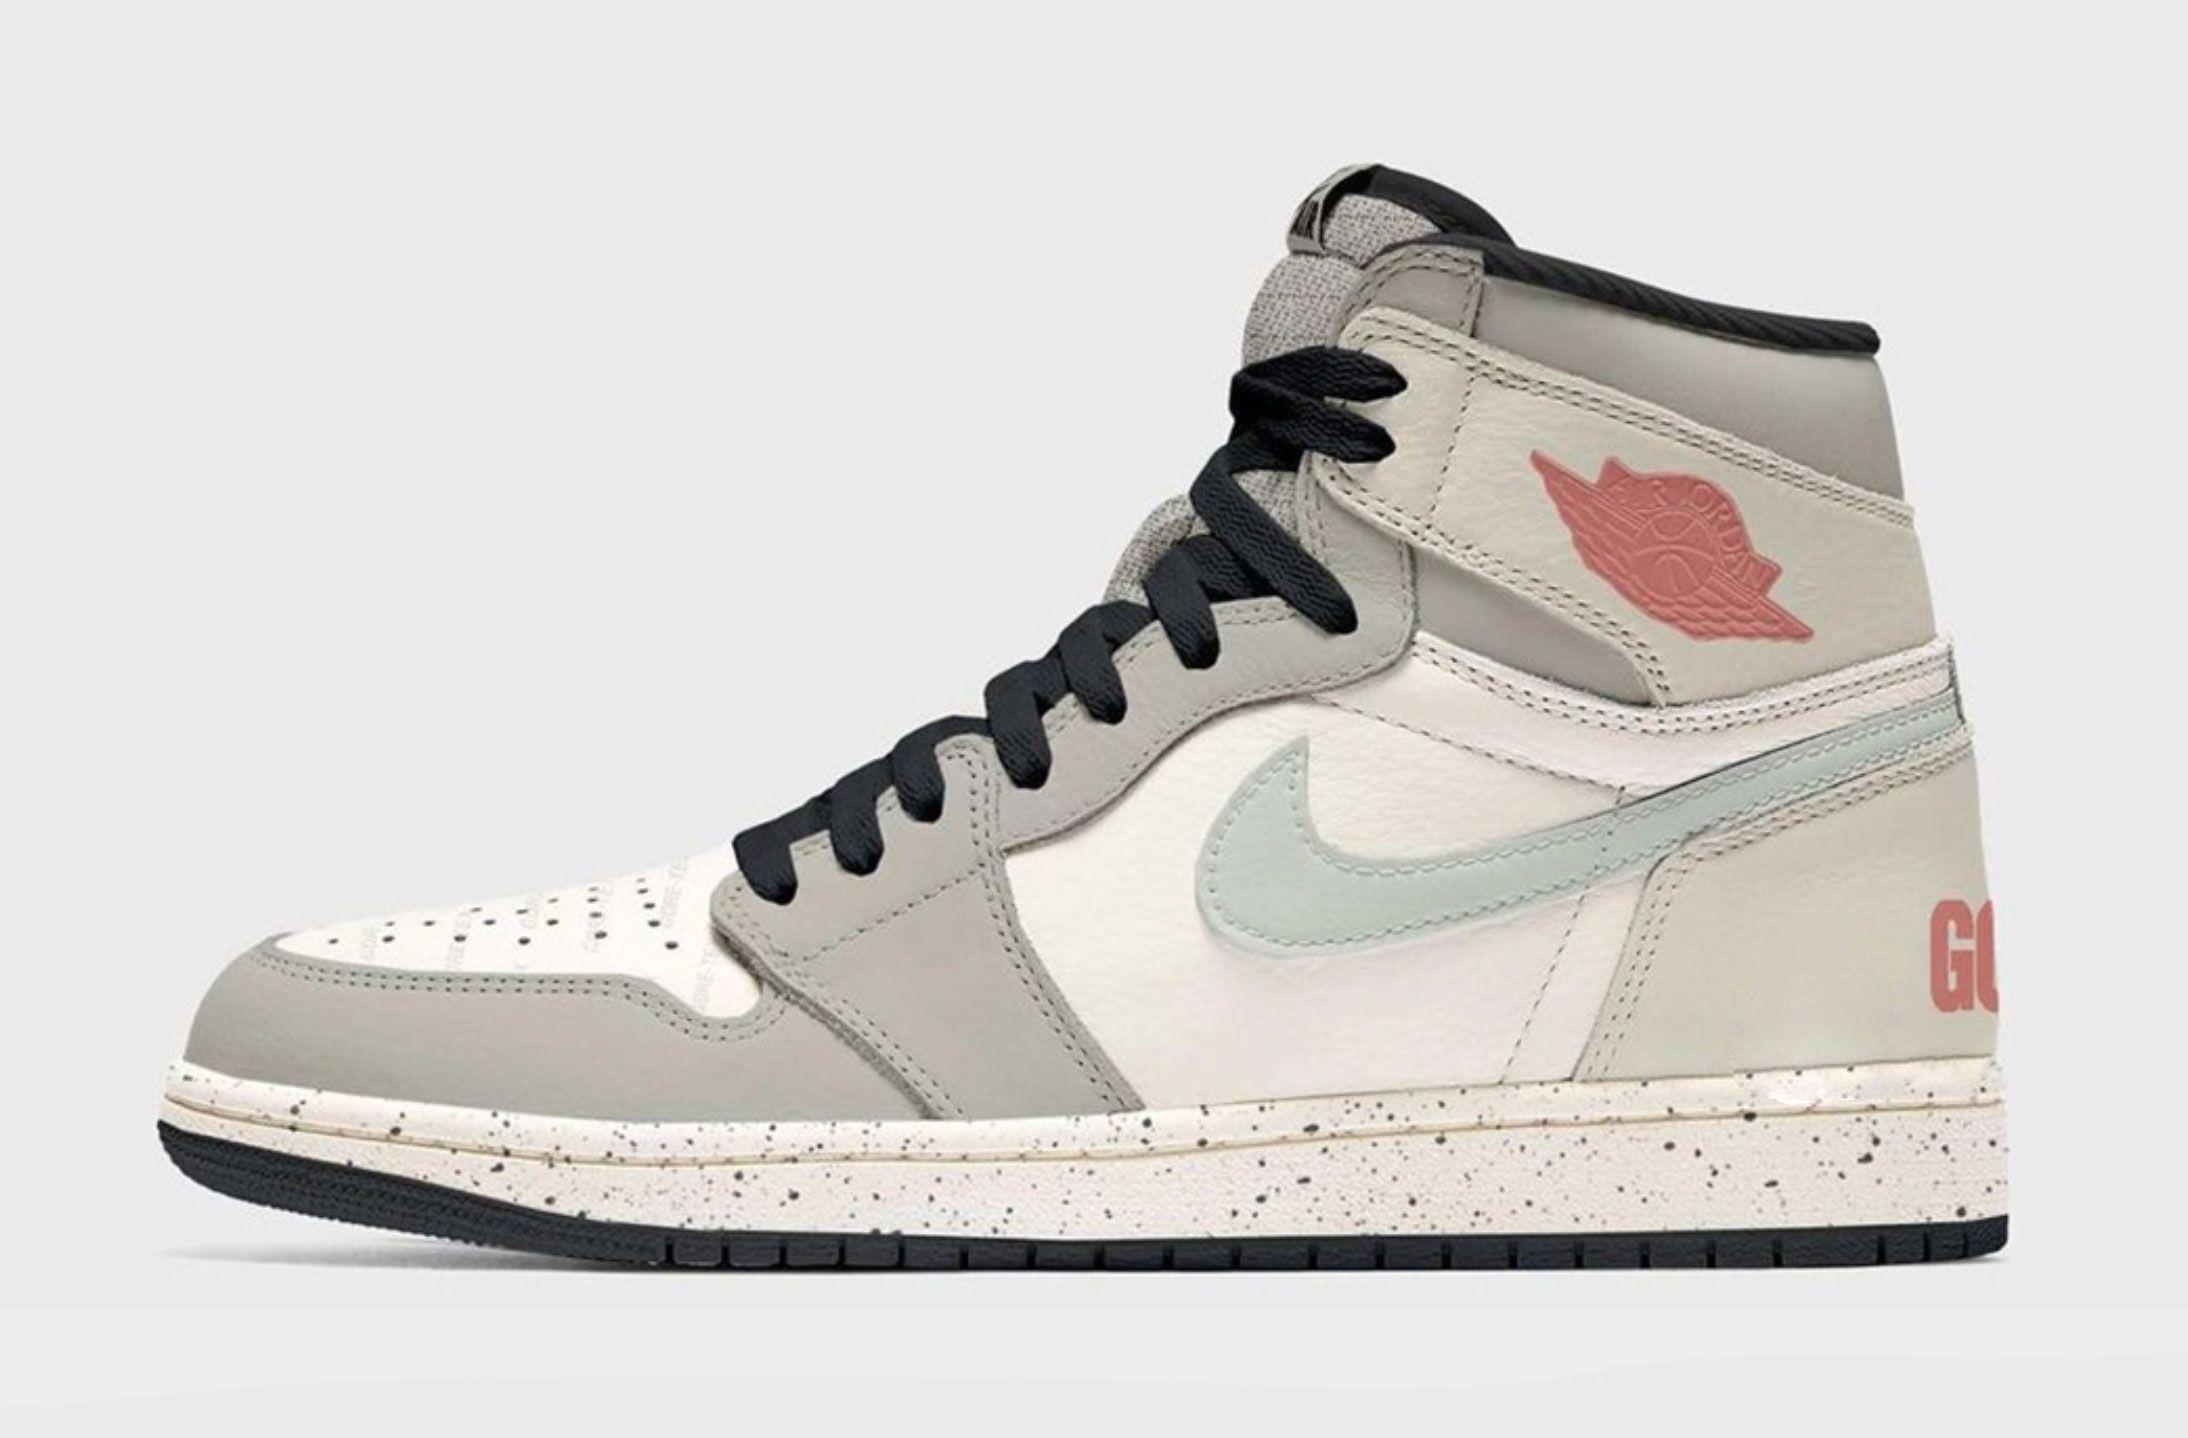 Air Jordan 1 Element